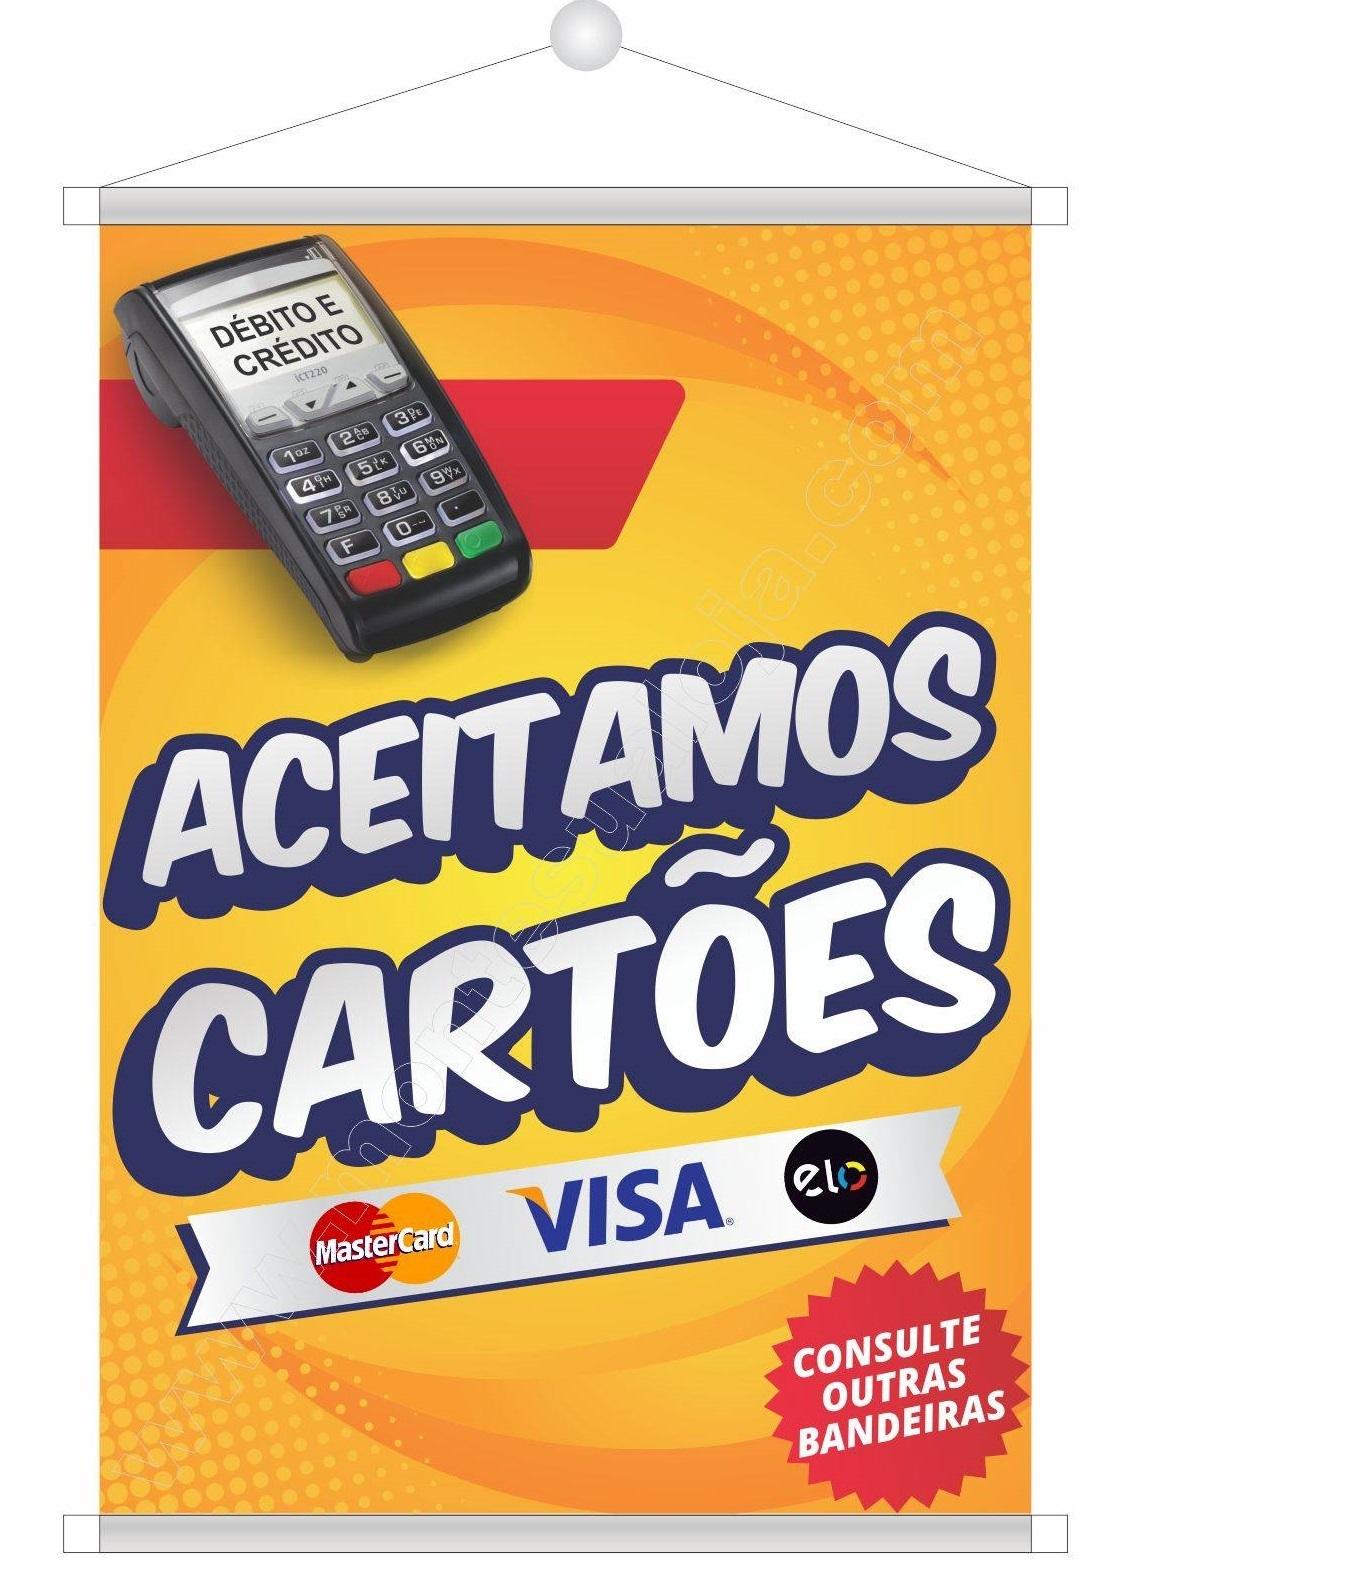 Aceitamos Cartões Debito e Credito!